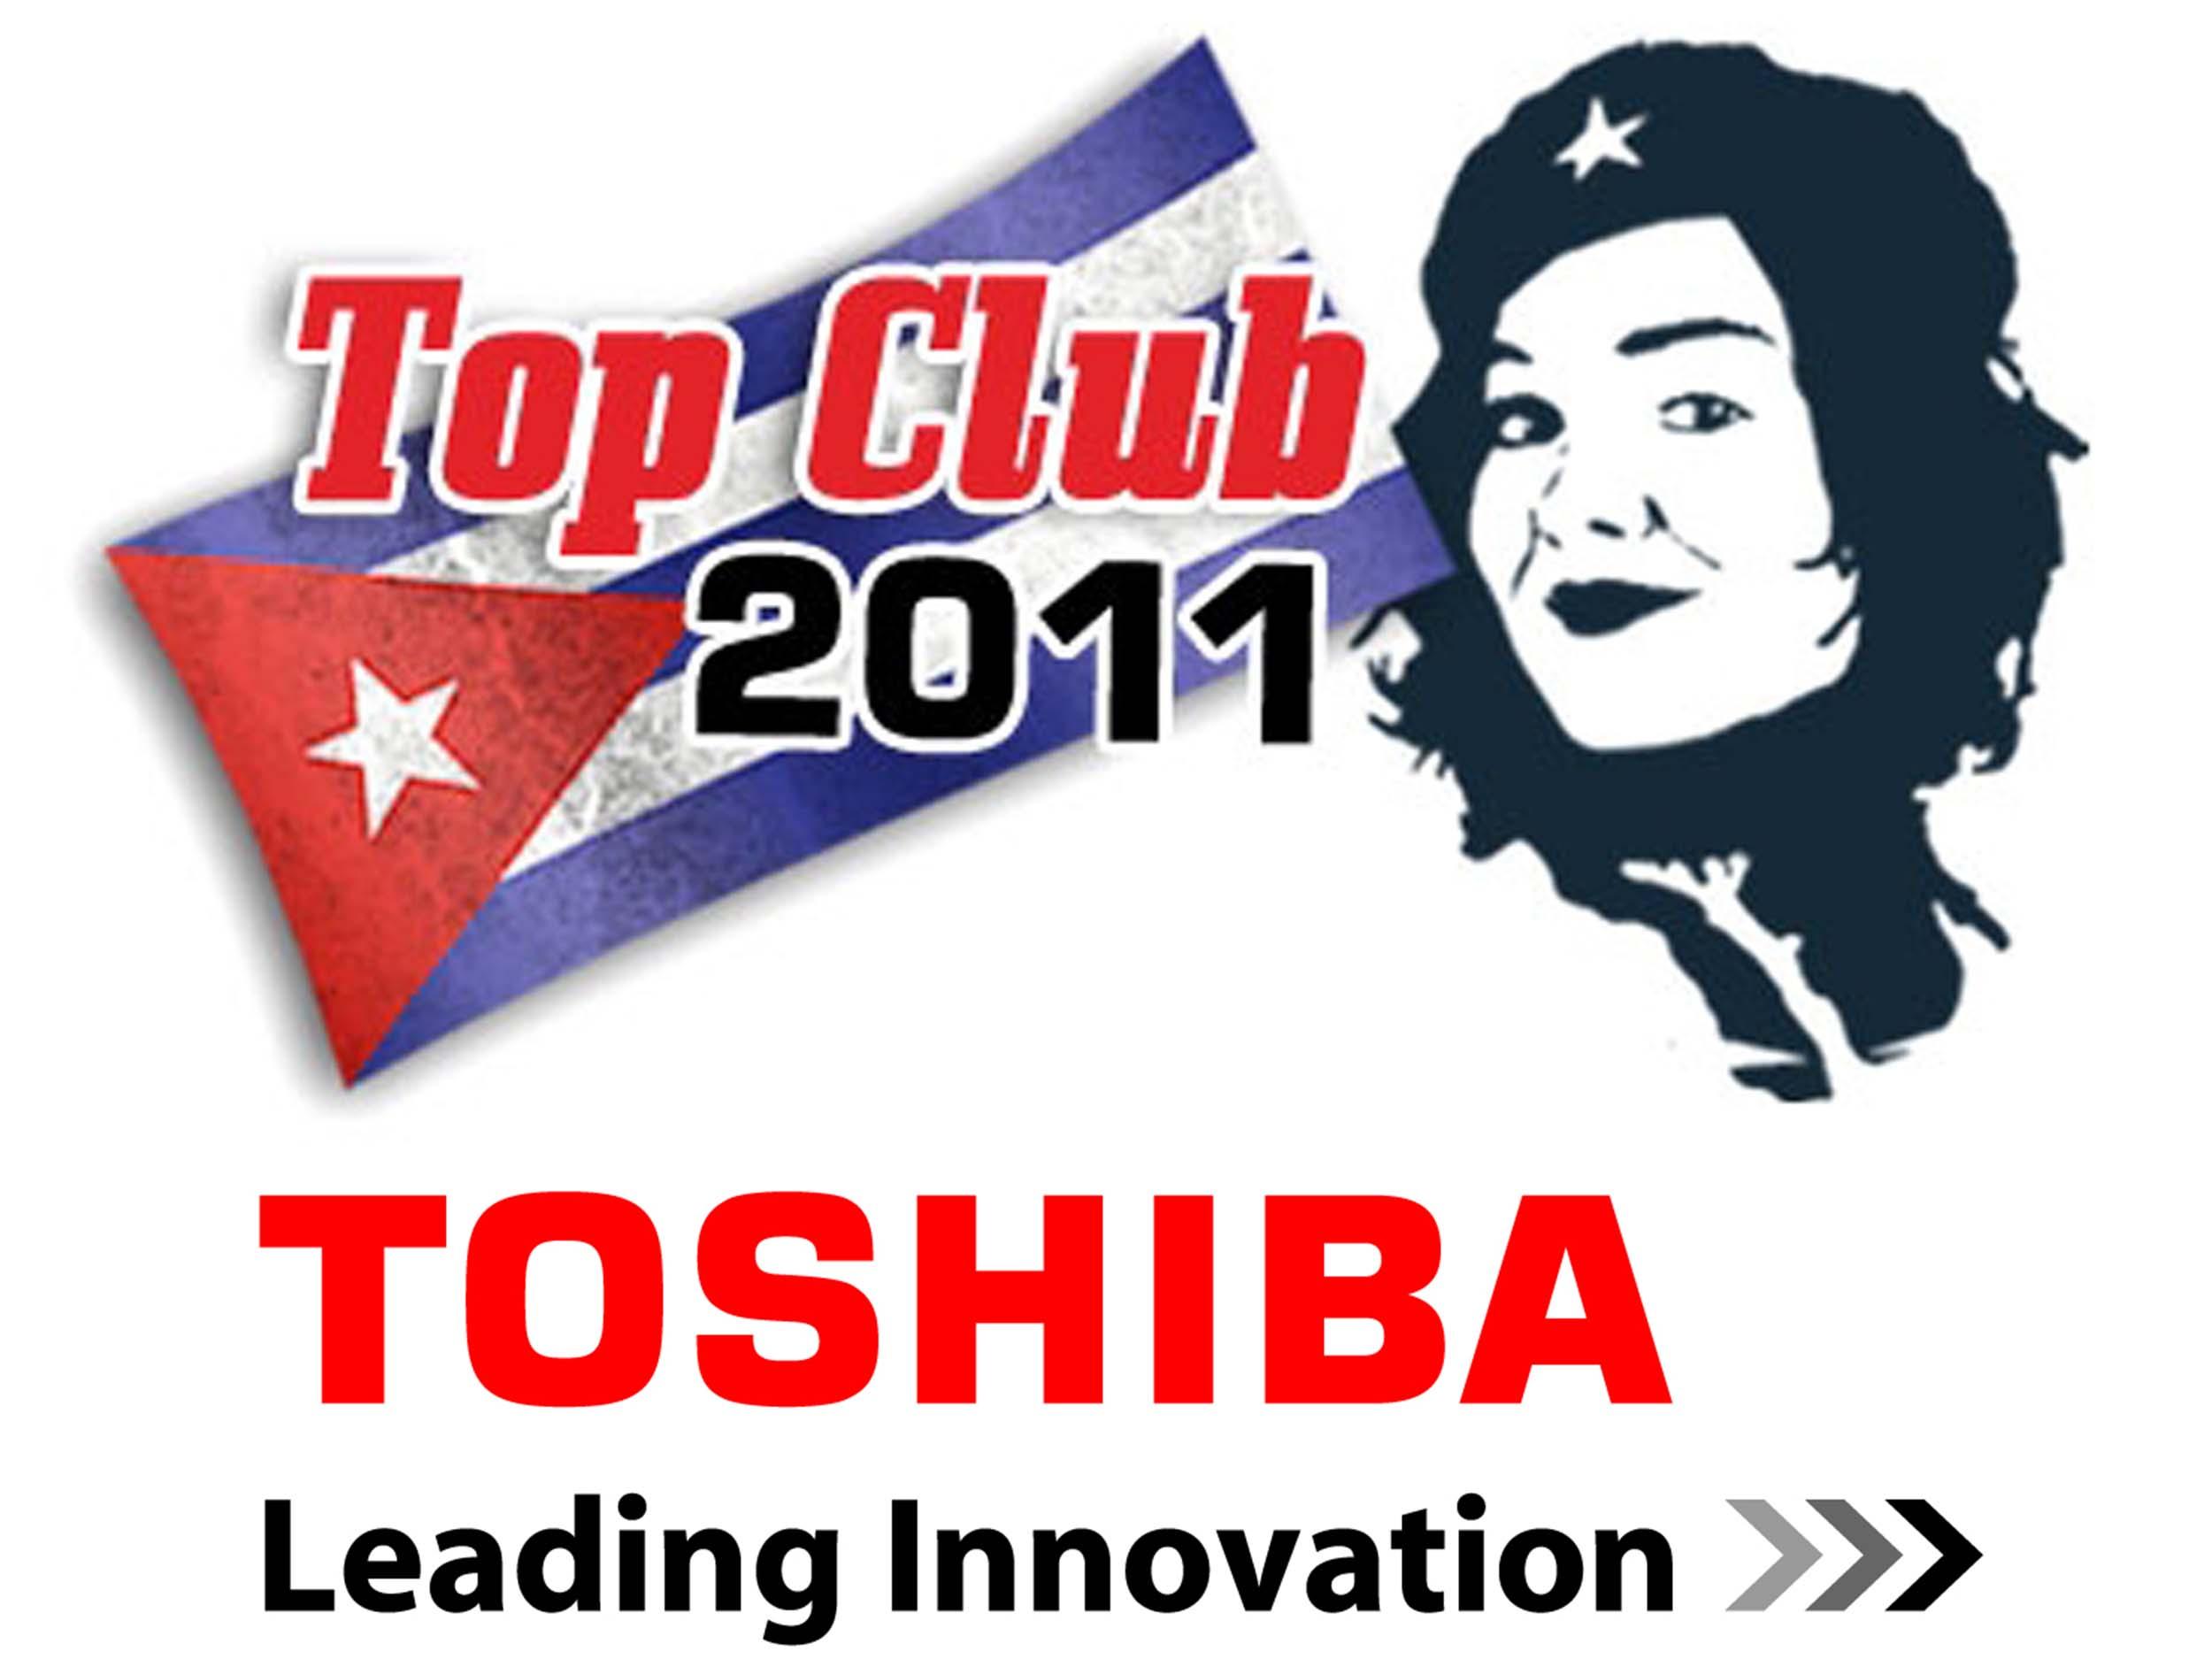 communication visuelle et production audiovisuelle, logo, événement, cuba, toshiba, création de logo